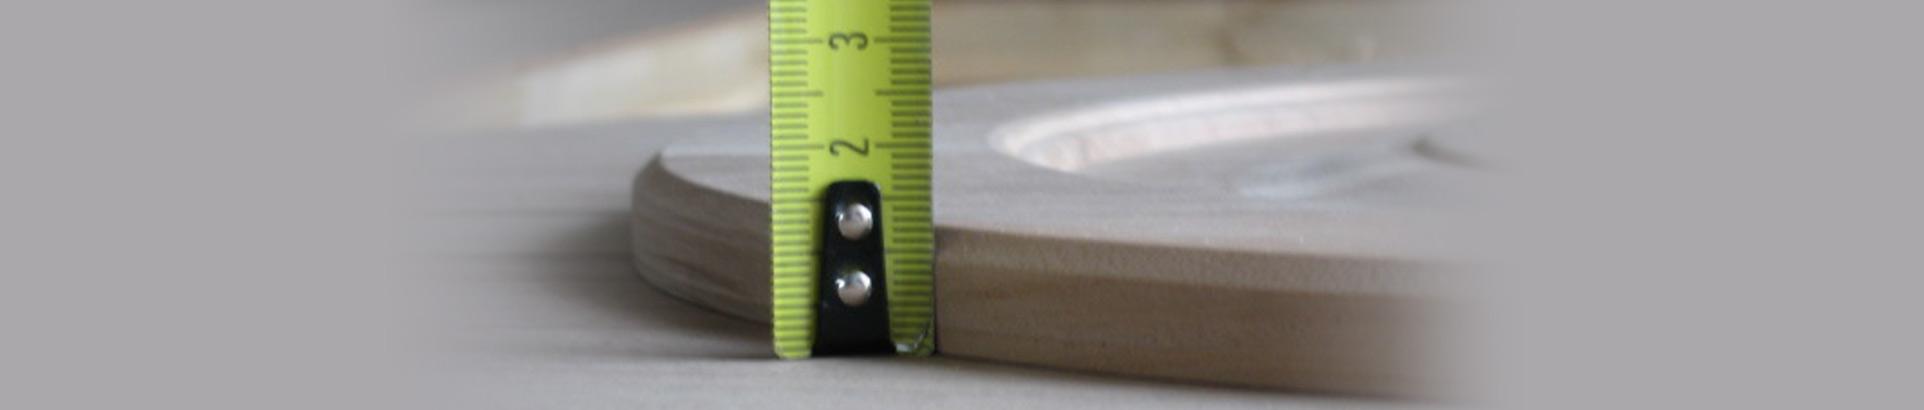 progetti d'arredamento e mobili artigianali su misura per case, uffici e negozi